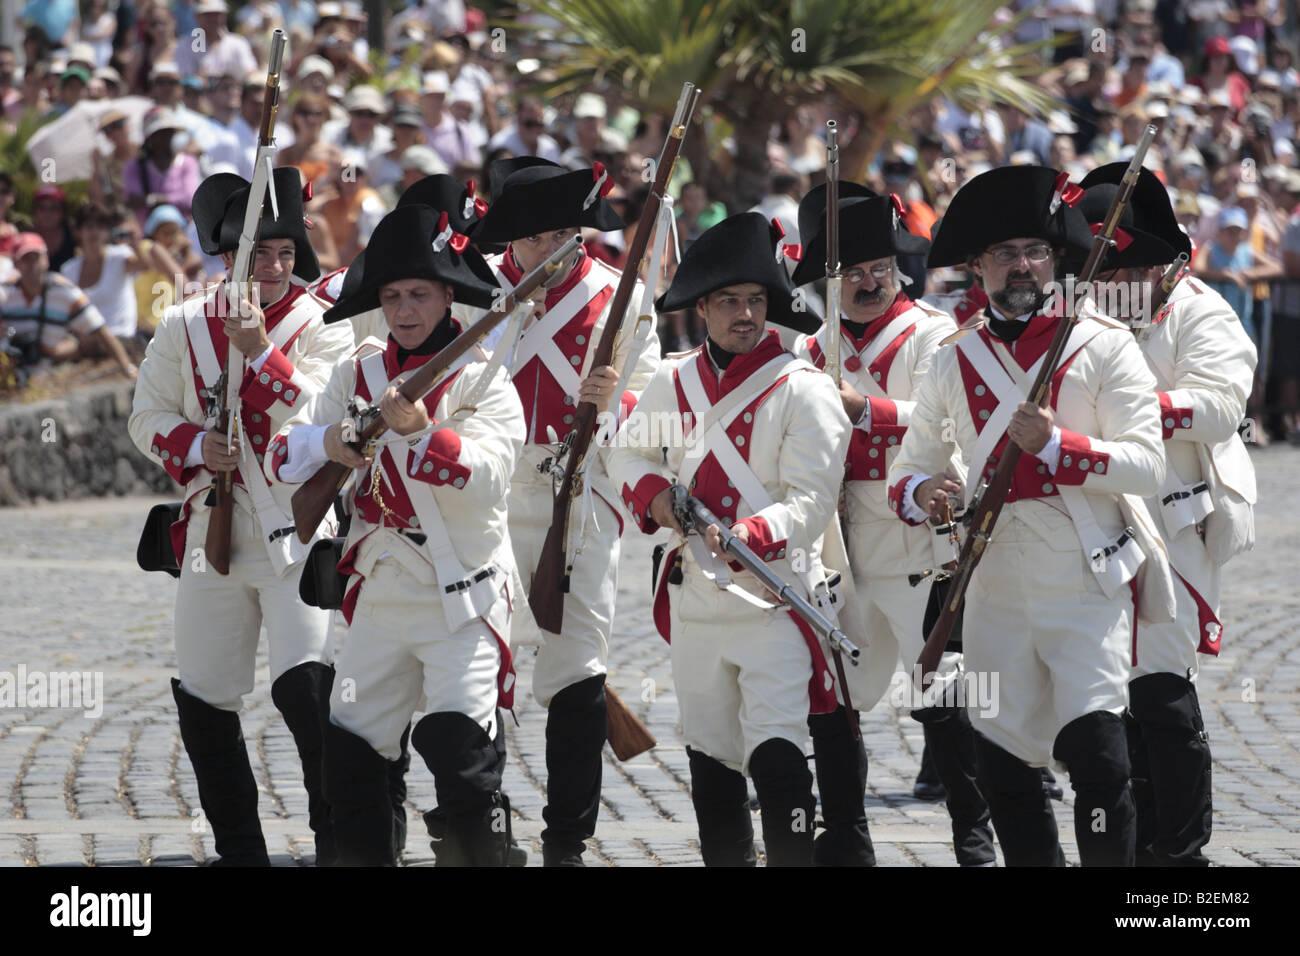 Das Batallon de Canarias vorzubereiten, während eine Rekonstruktion der 1797 Schlacht von Santa Cruz, Teneriffa aufzuladen Stockfoto